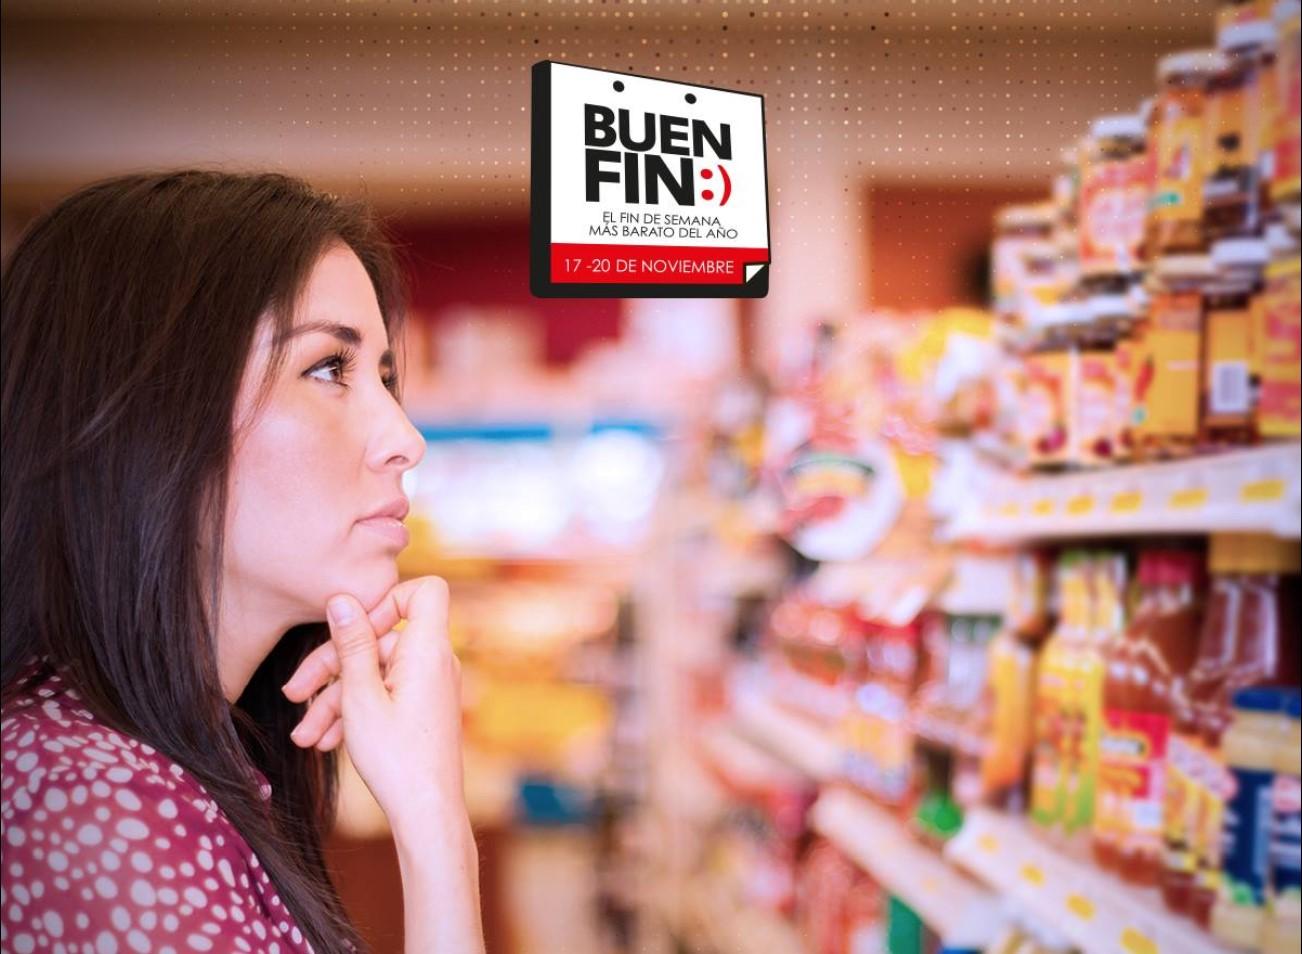 """Errores en precios por el """"Buen Fin"""" serán pagados por los empleados"""